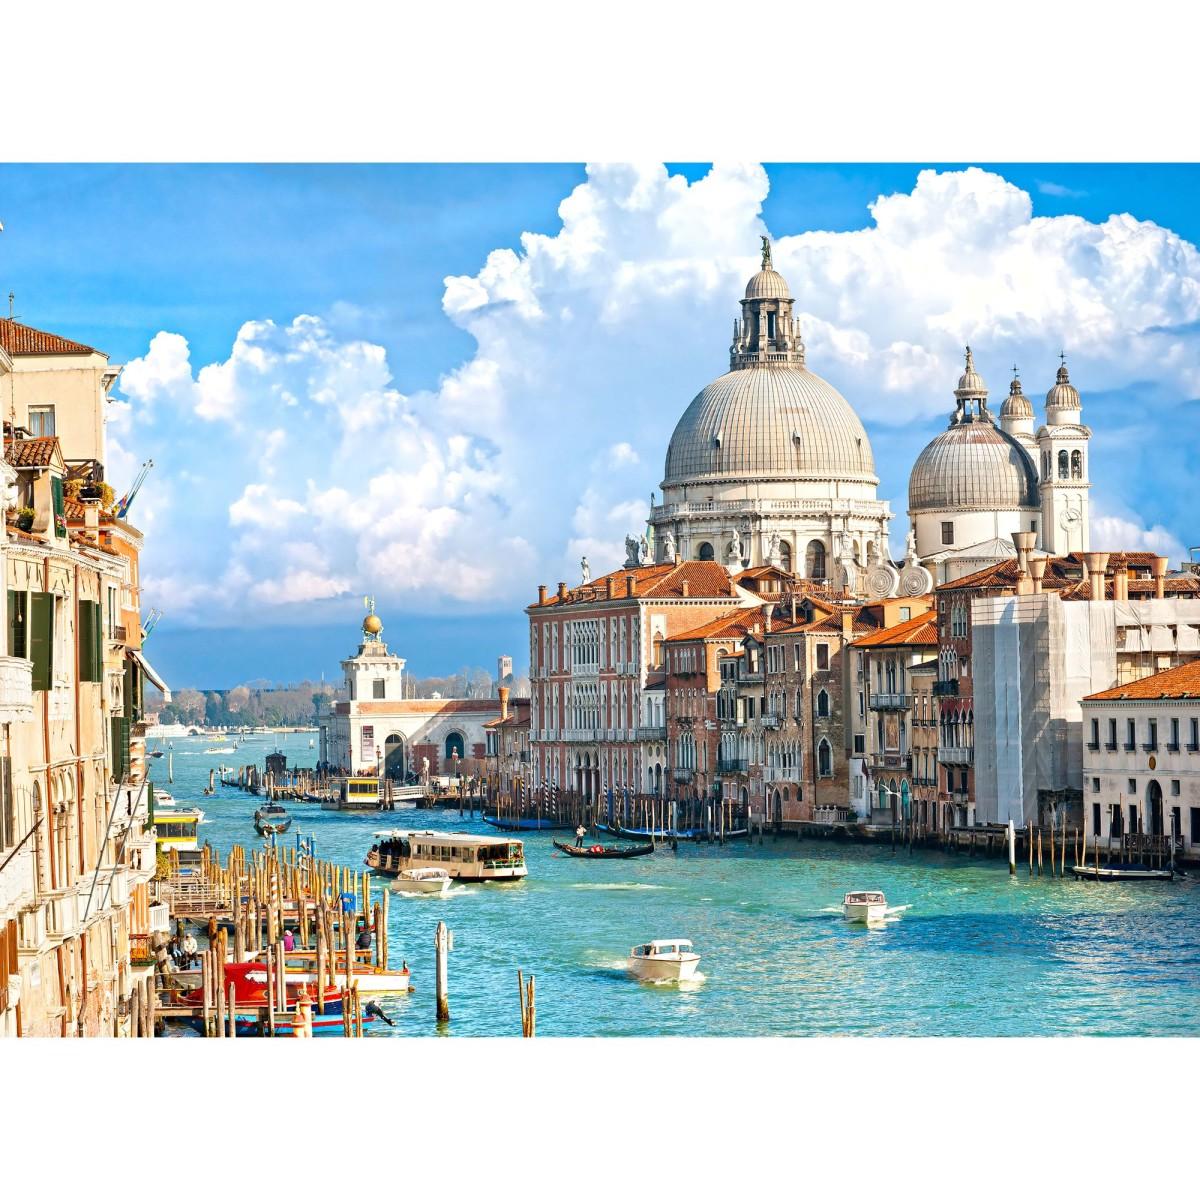 Фотообои флизелиновые «Венеция» 370х270 см